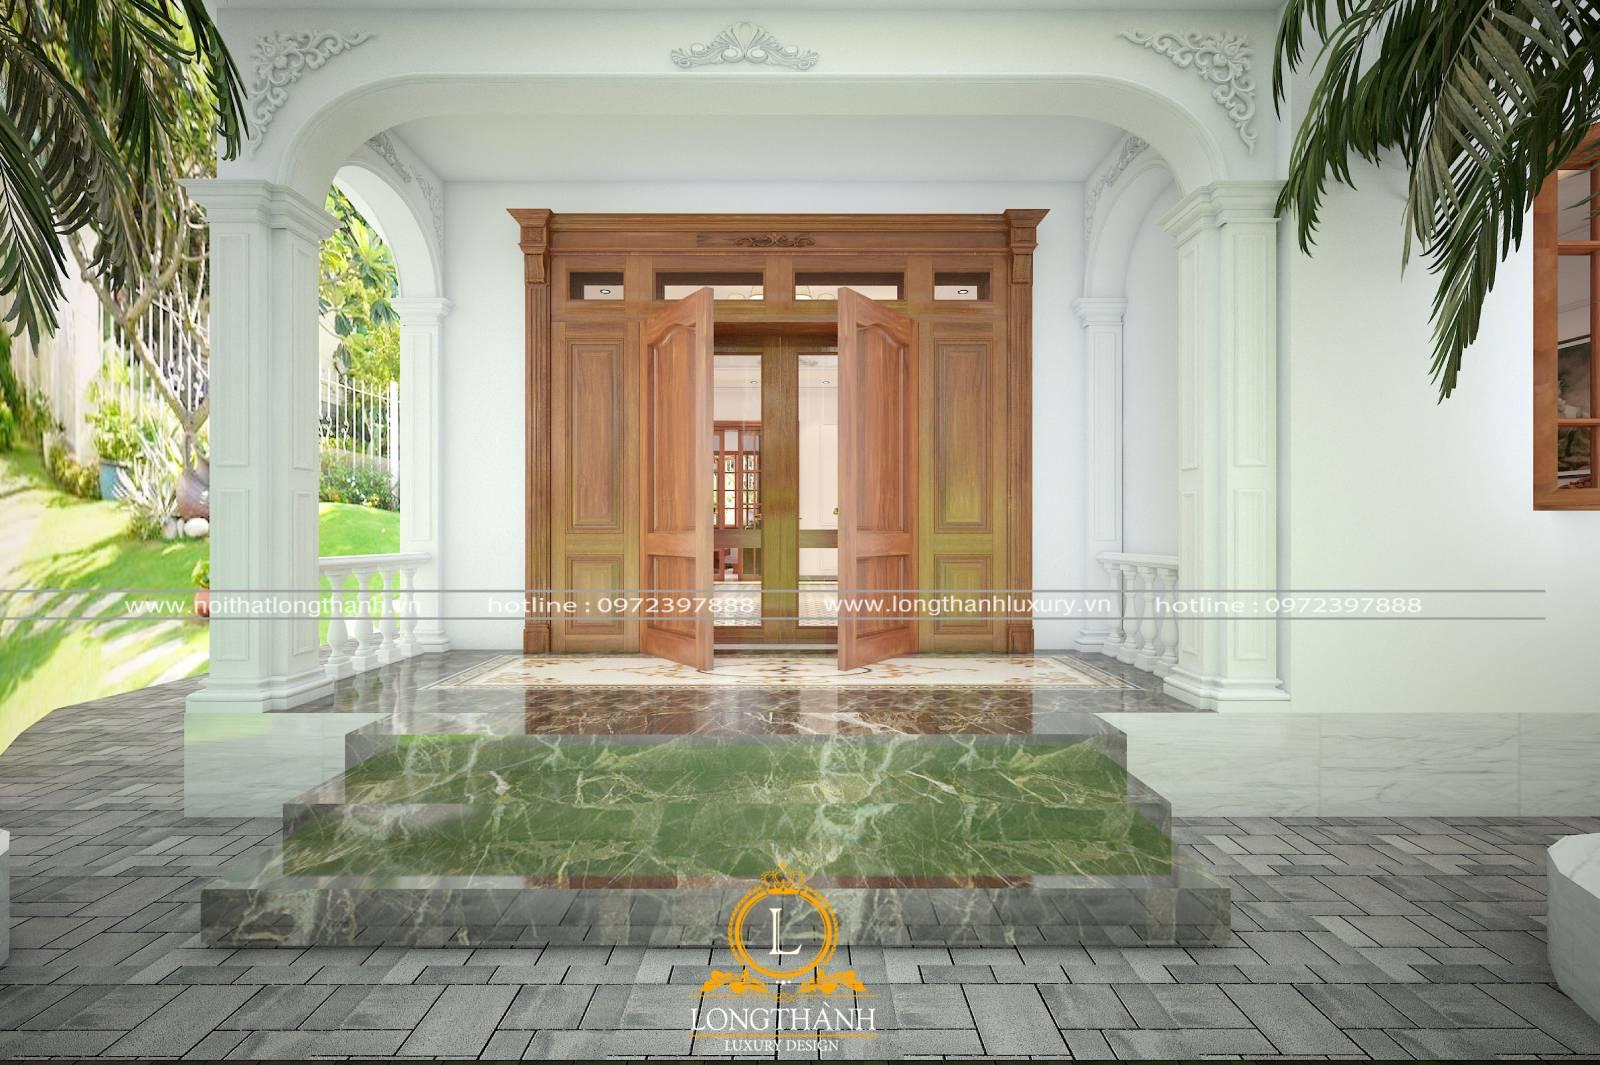 Mẫu cửa 4 cánh đẹp hiện đại gỗ tự nhiên nguyên khối cho nhà biệt thự